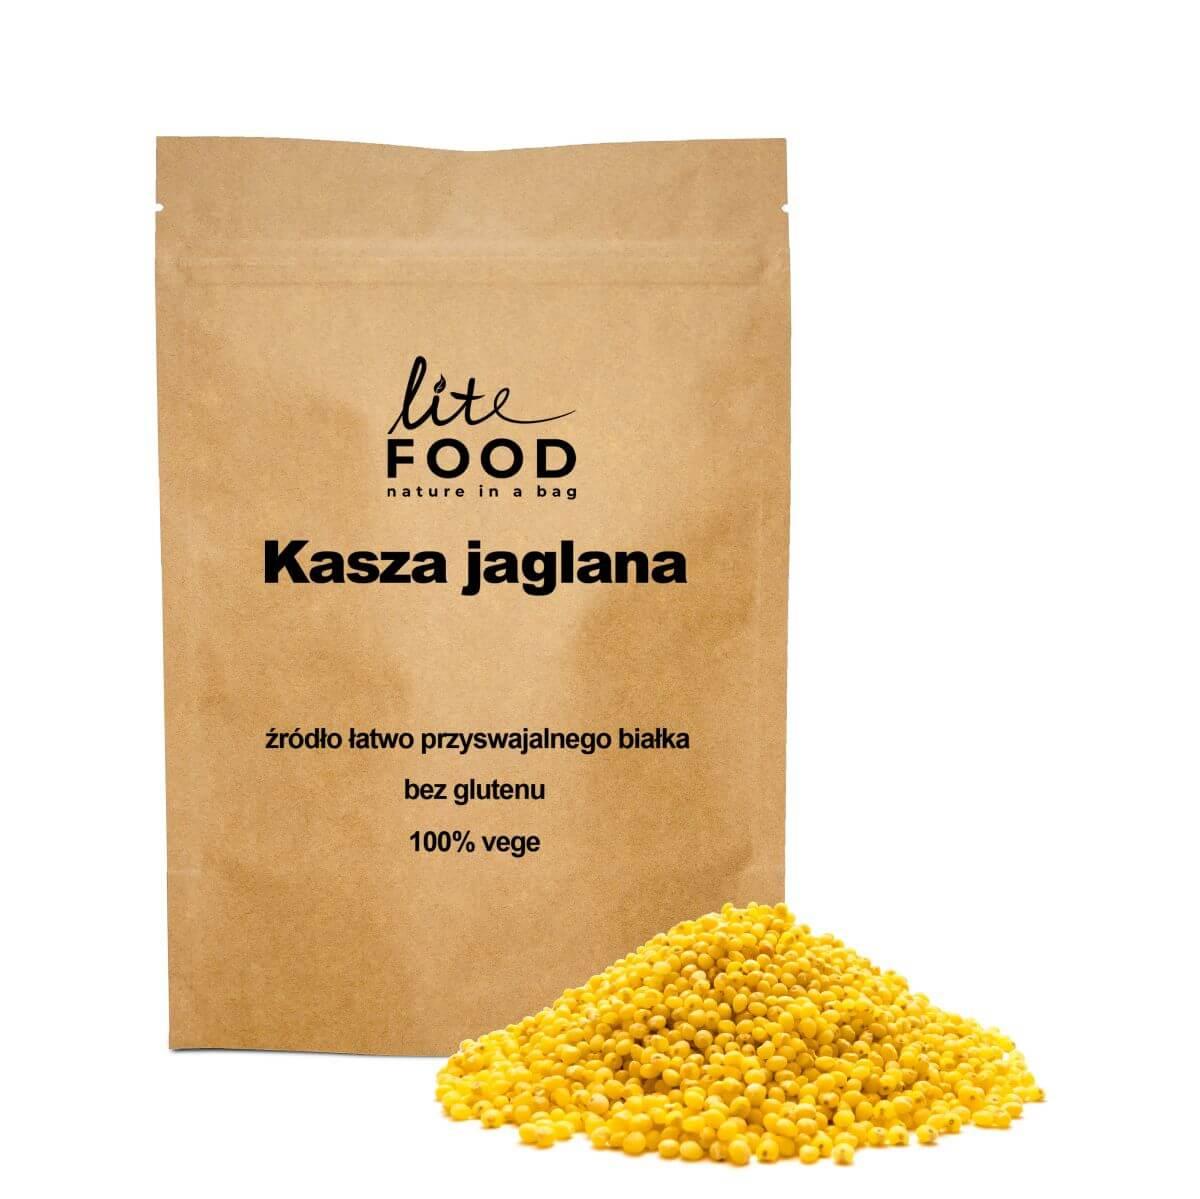 kasza_jaglana_1200